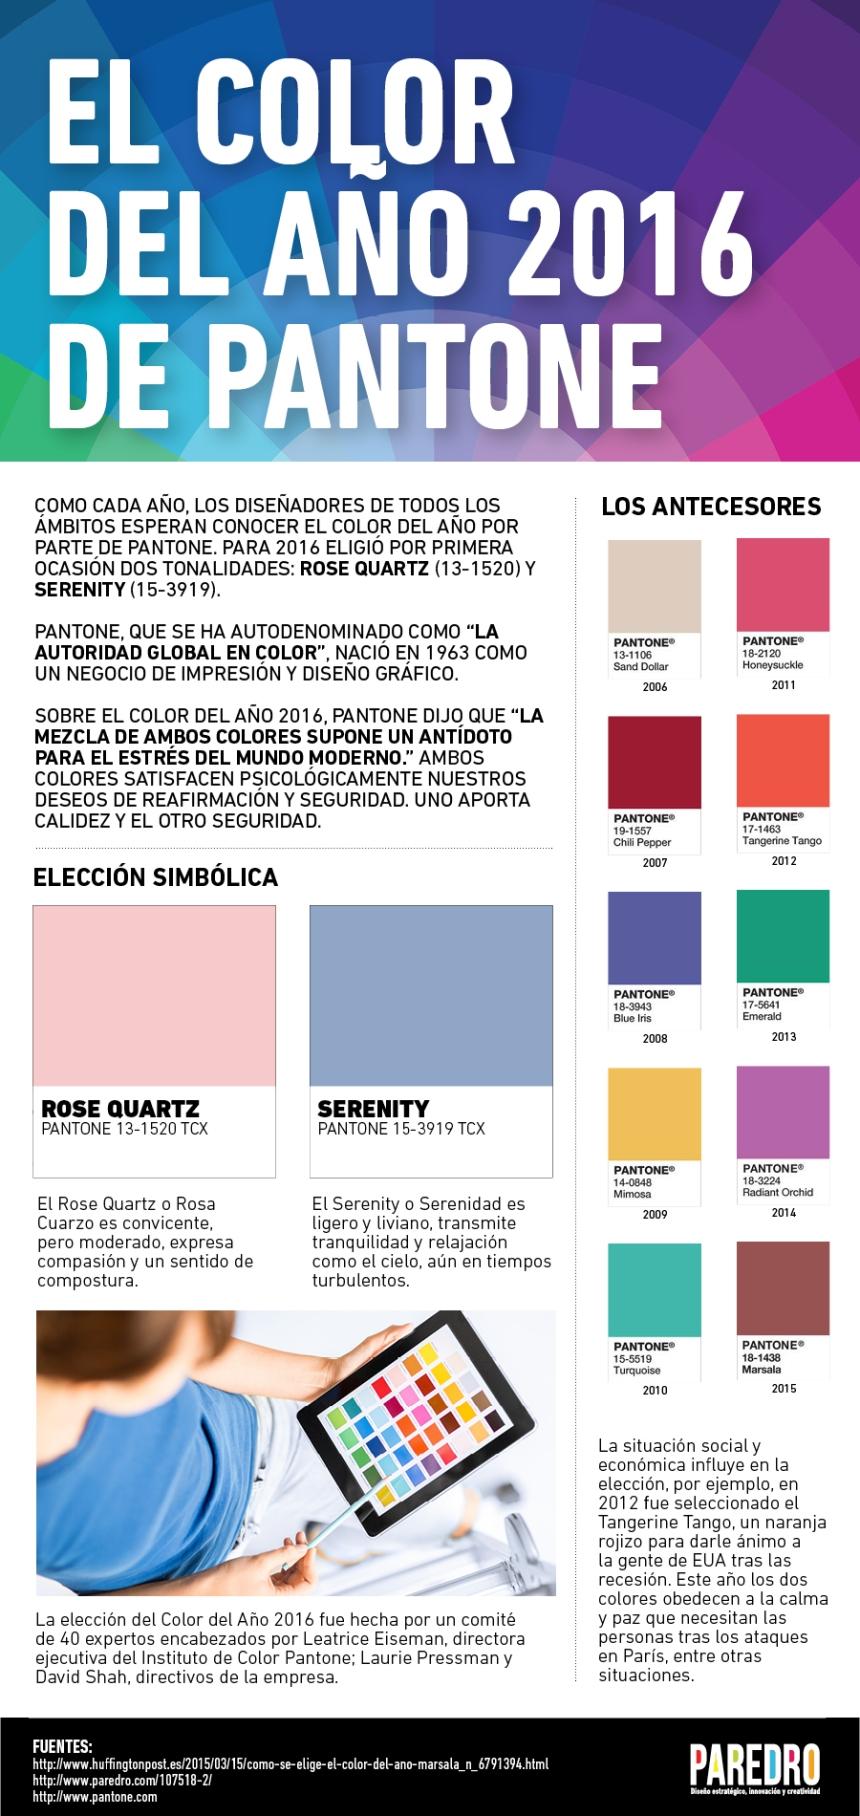 El color Pantone del año 2016